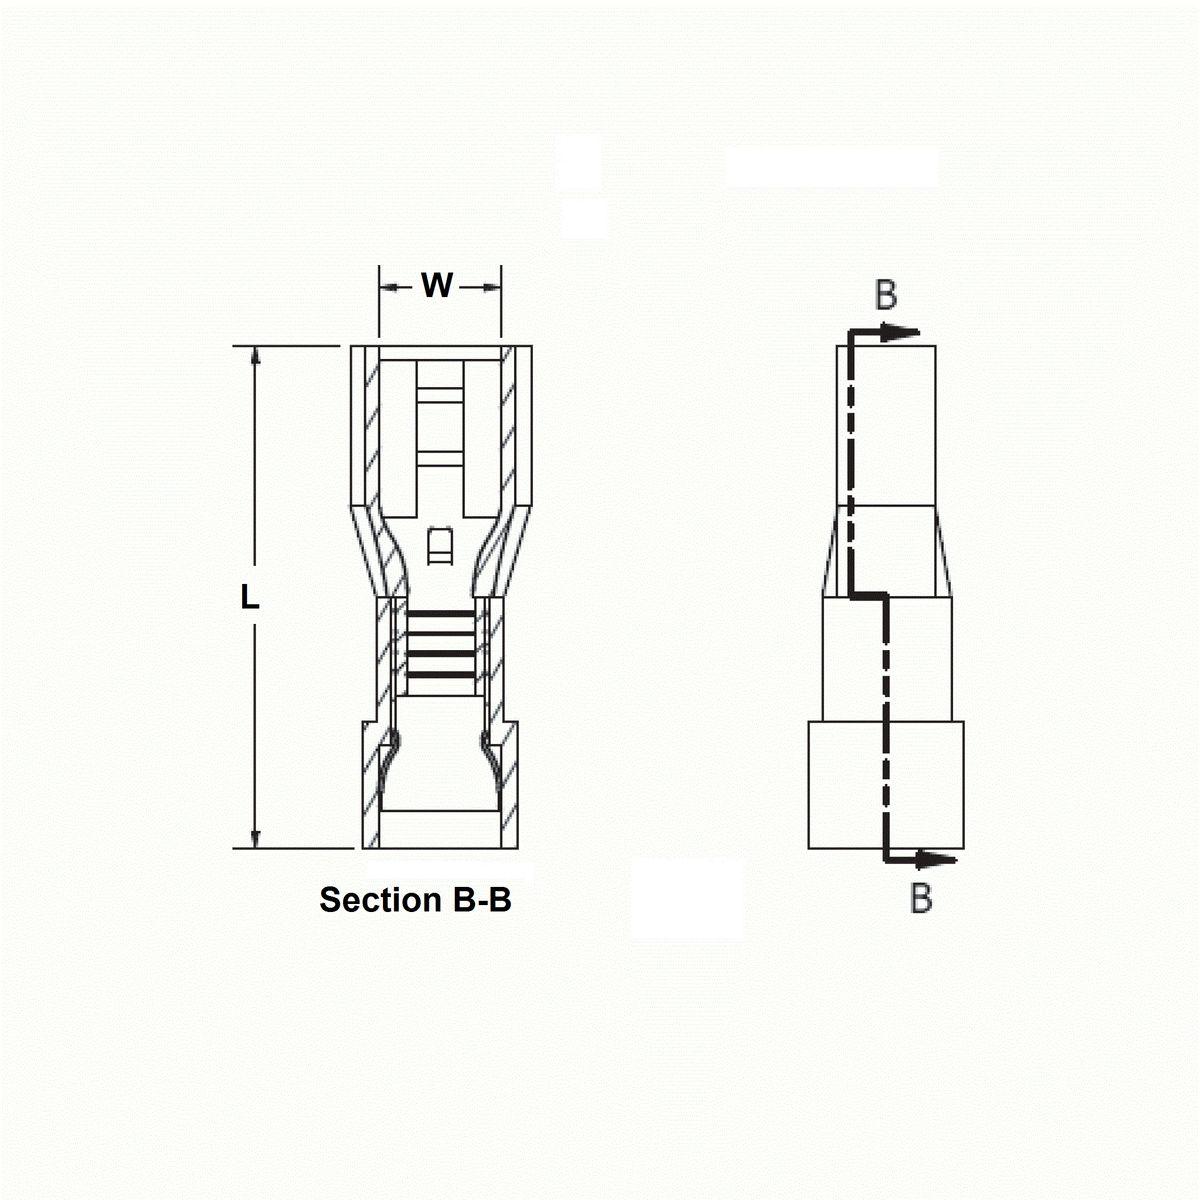 Leviton Structured Wiring